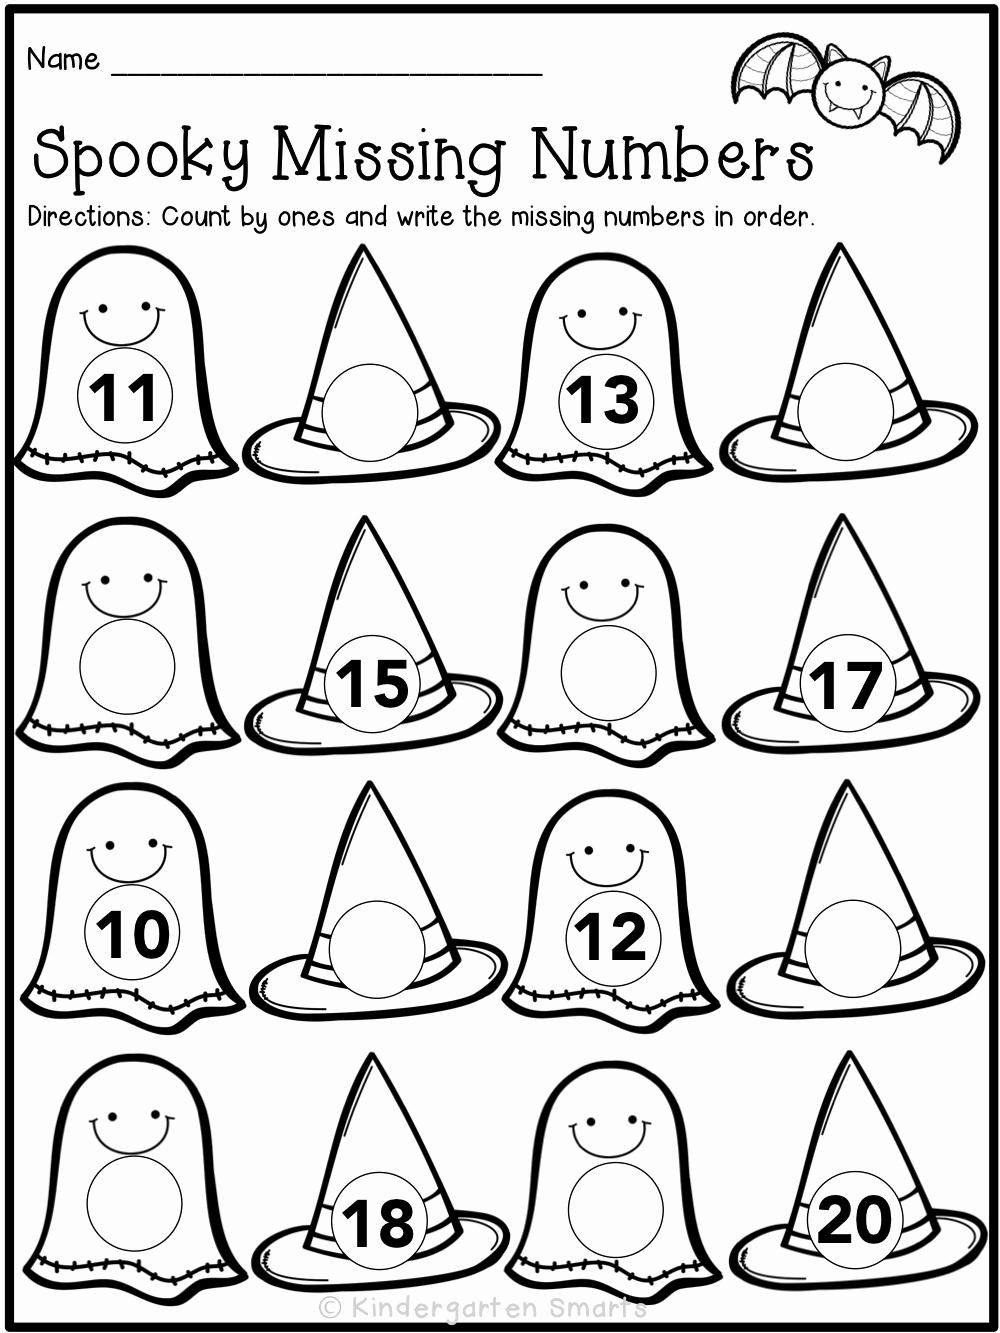 Free Kindergarten Halloween Worksheets Printable New 15 Halloween Activities Worksheets and Printables for